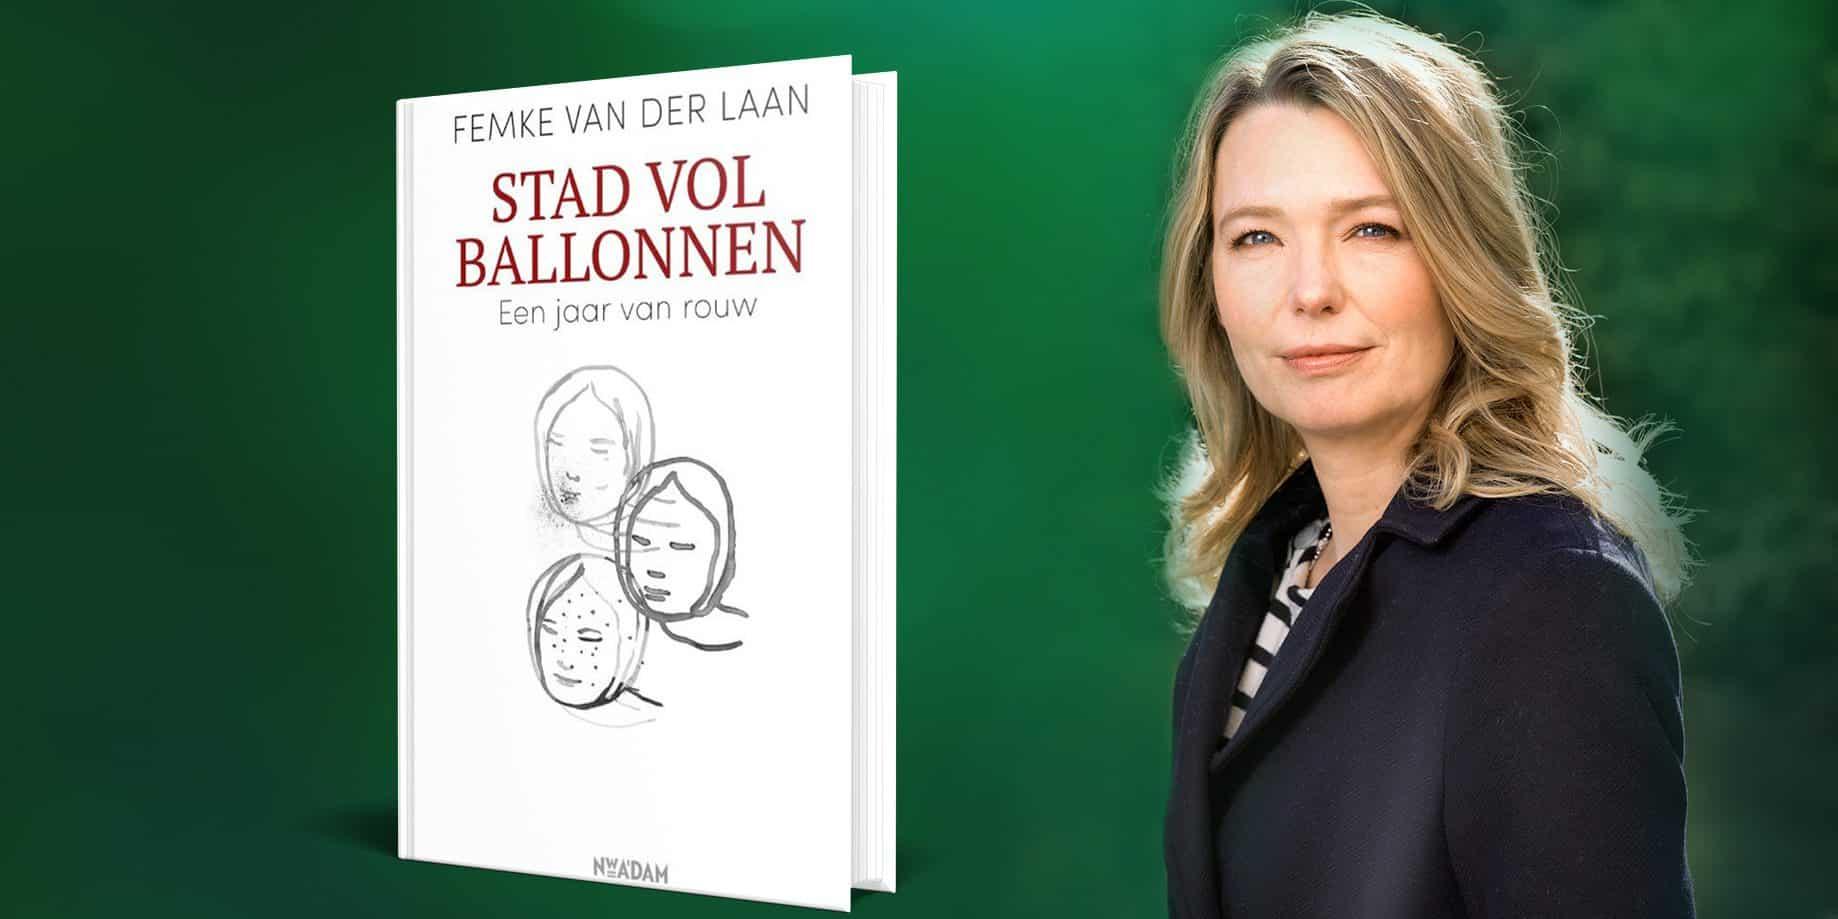 Femke-van-der-laan-stad-vol-ballonnen